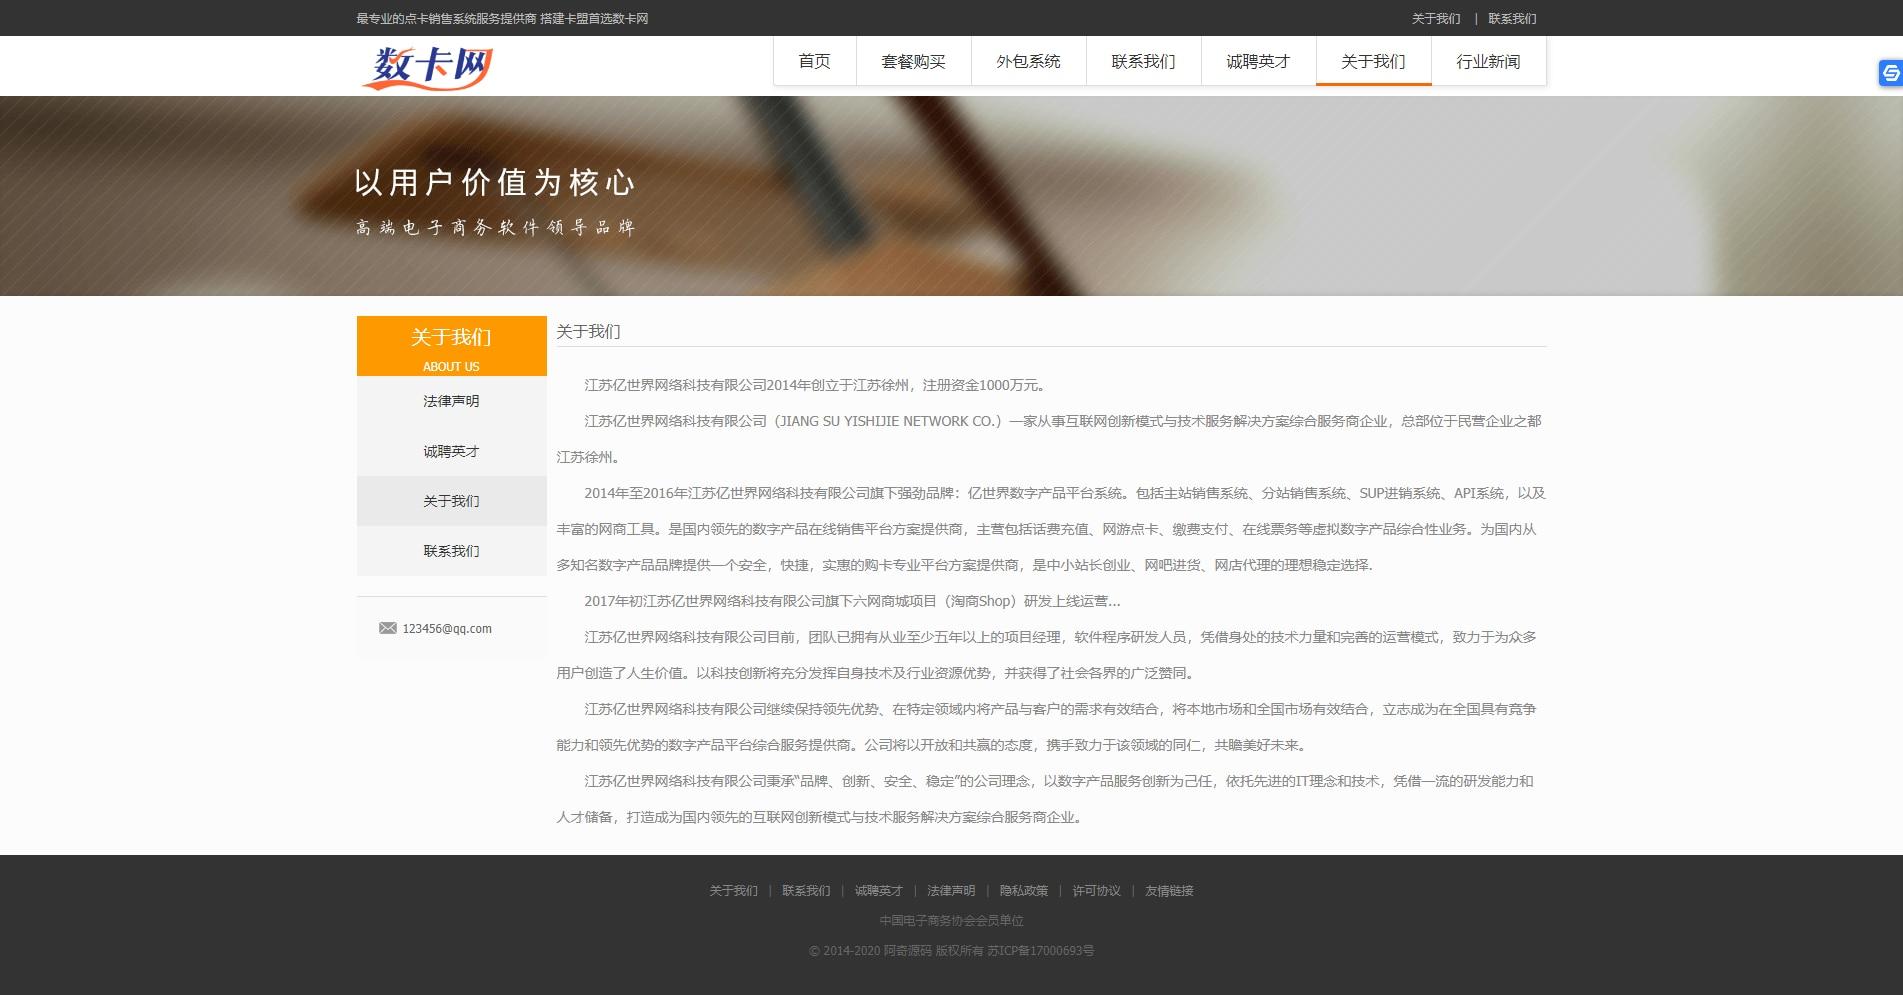 【卡盟官网】原[数卡网/售卡铺]代理外包等官方企业网站